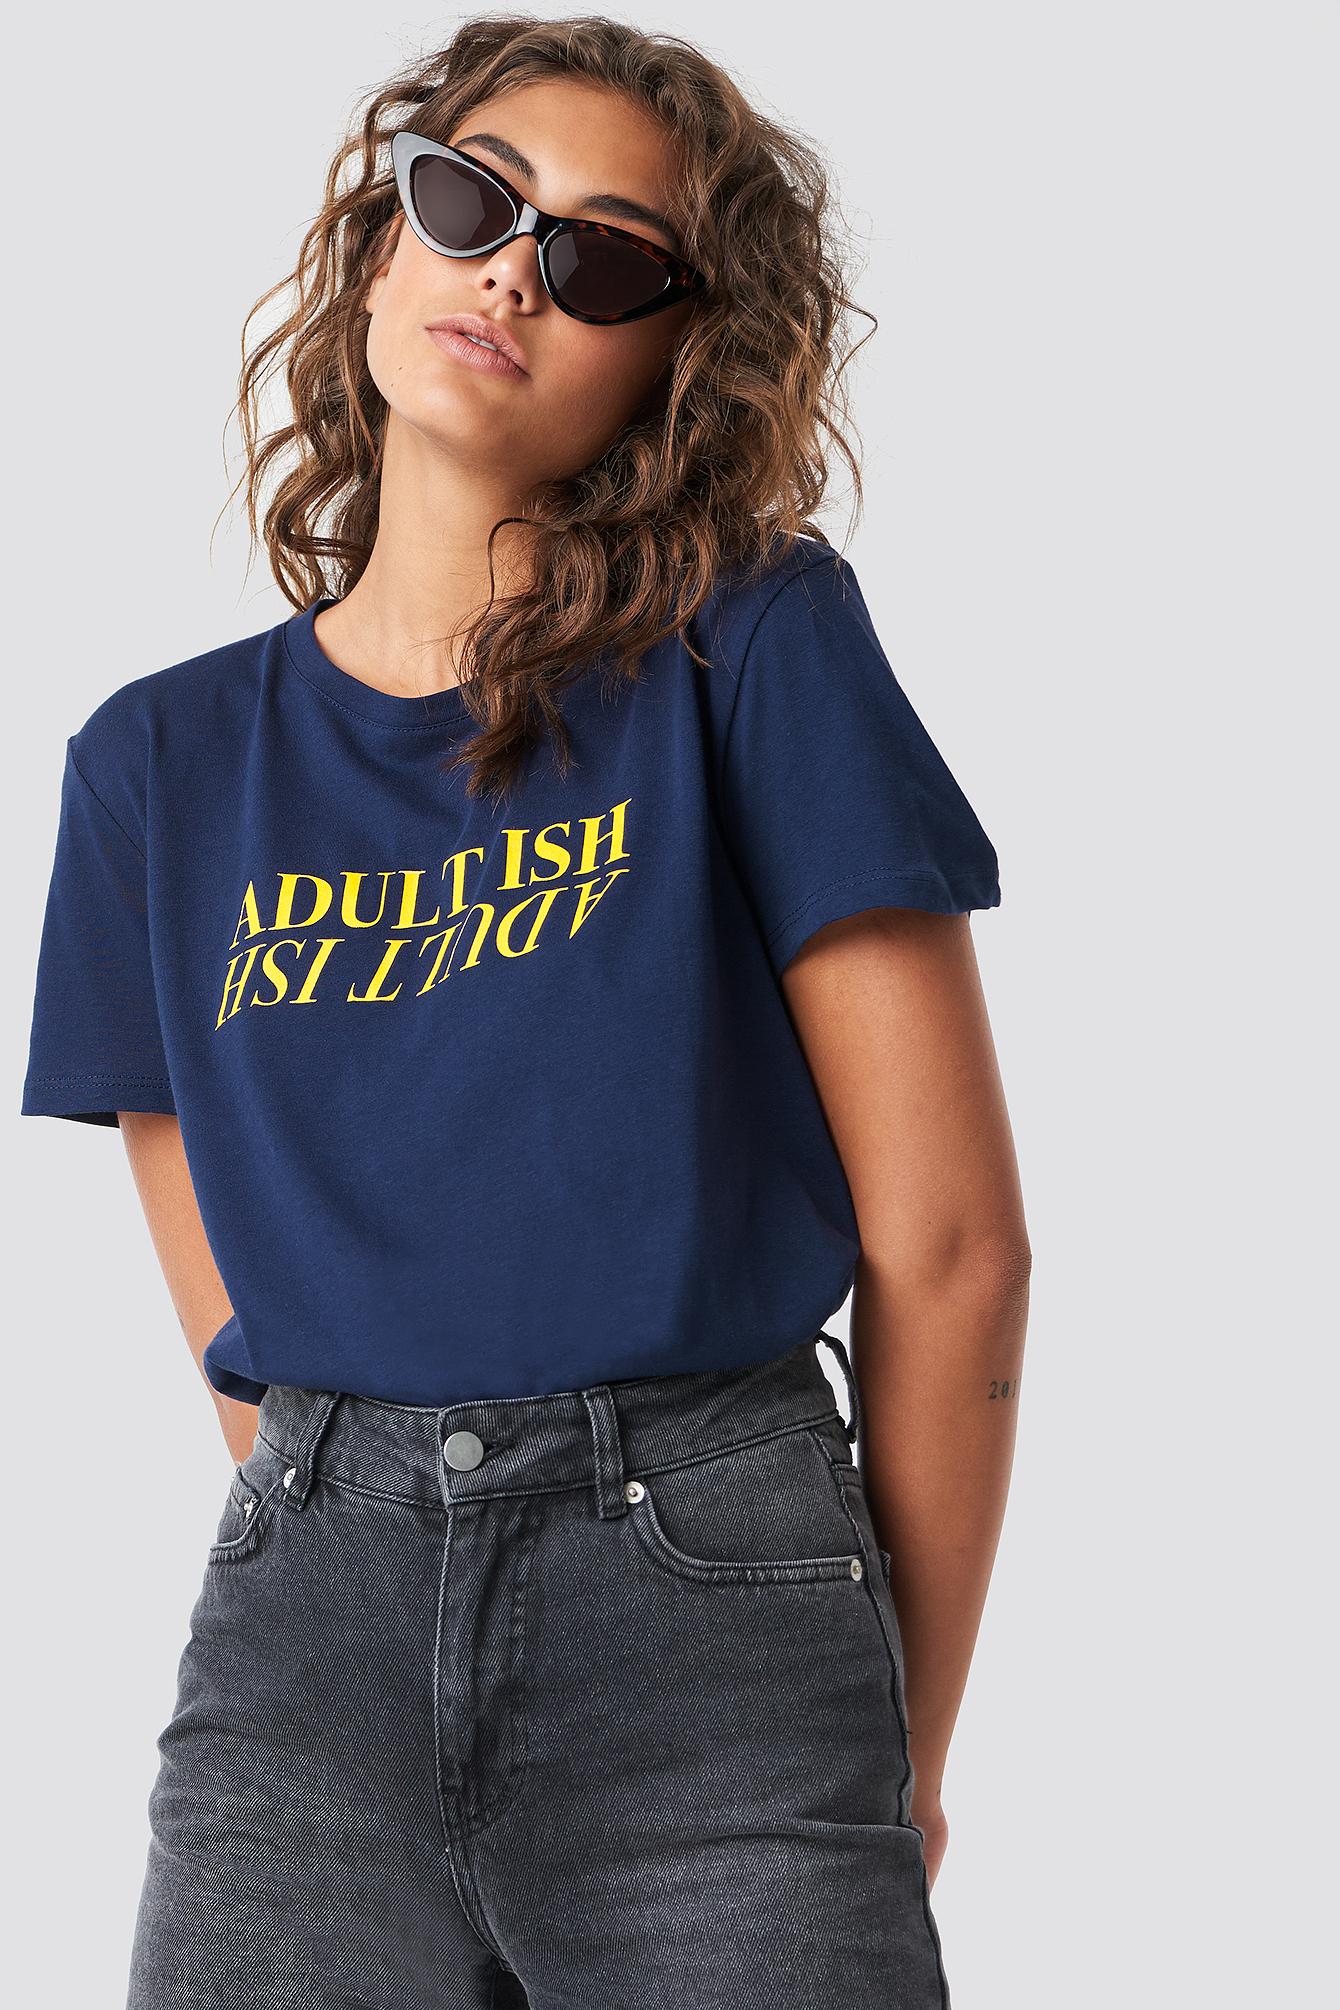 ASTRIDOLSENXNAKD ADULT ISH TEE - BLUE